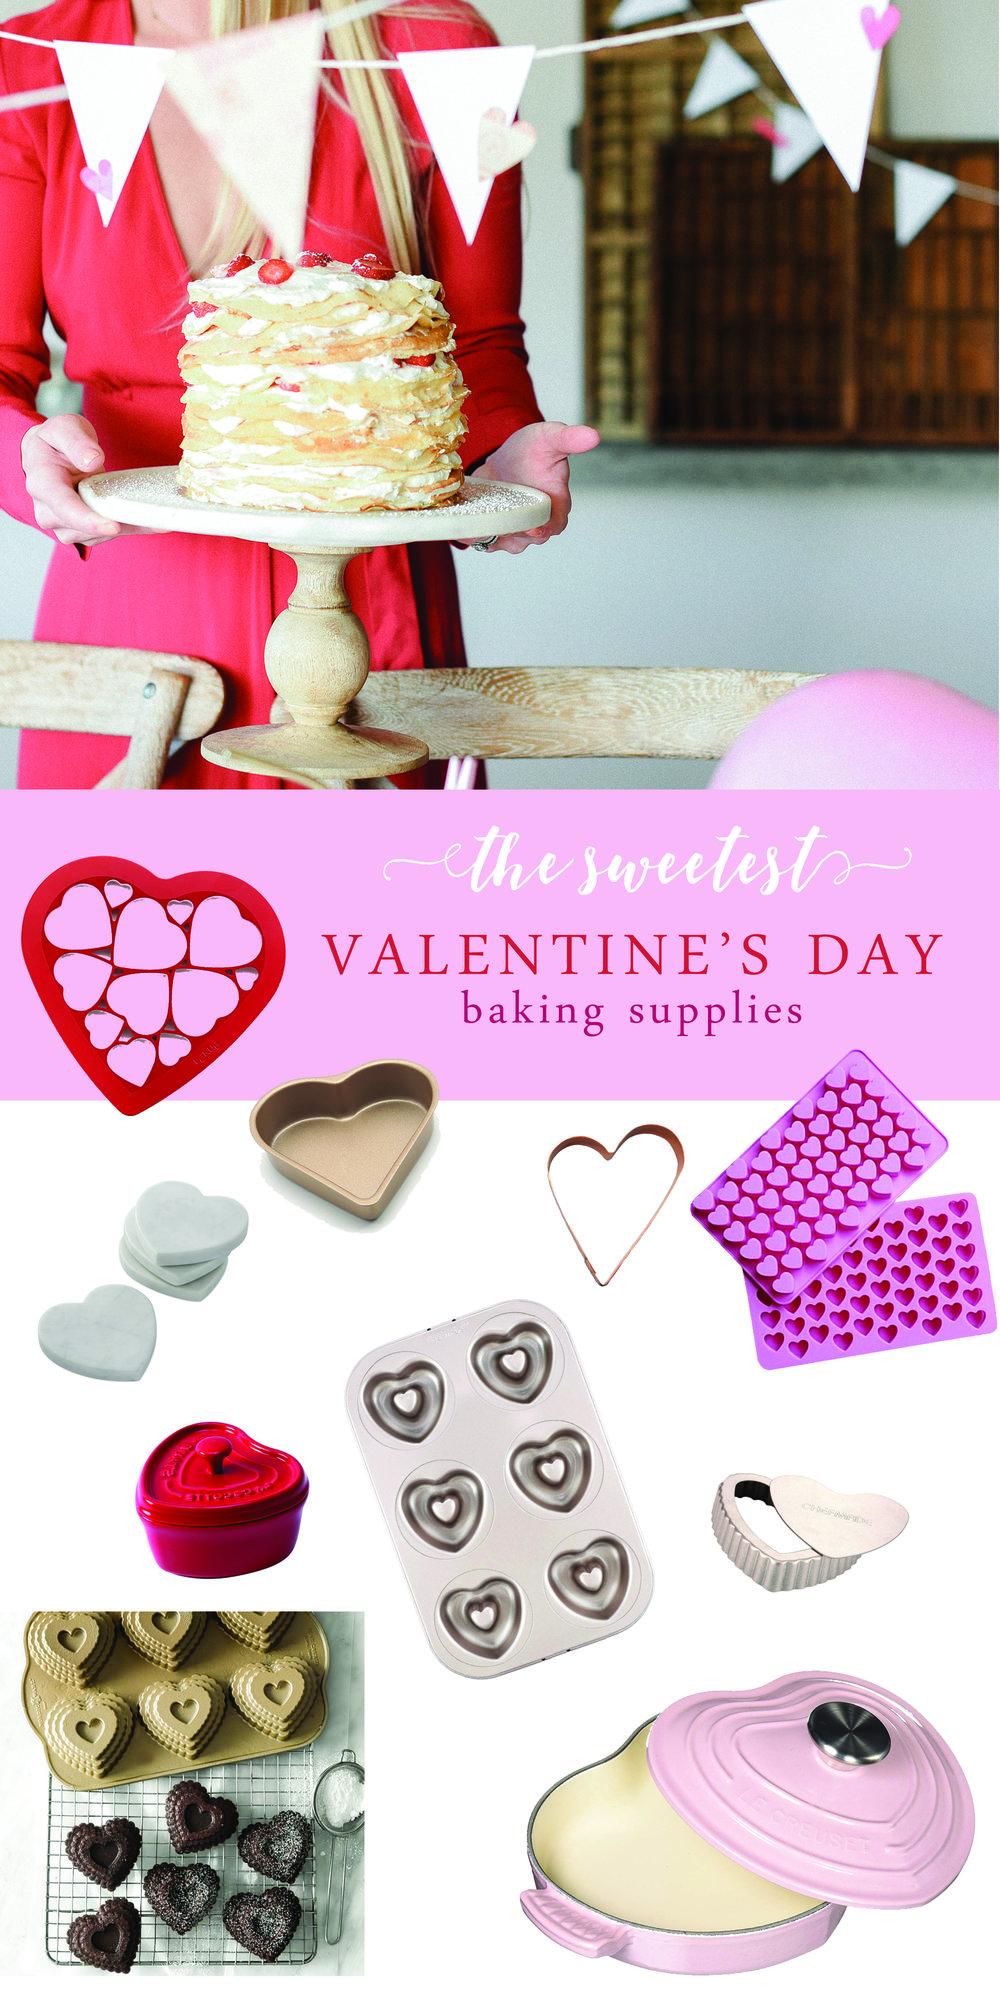 Valentine's Day baking ideas and supplies best amazon finds for Valentine's Day | #valentinesday #valentinesdaybaking